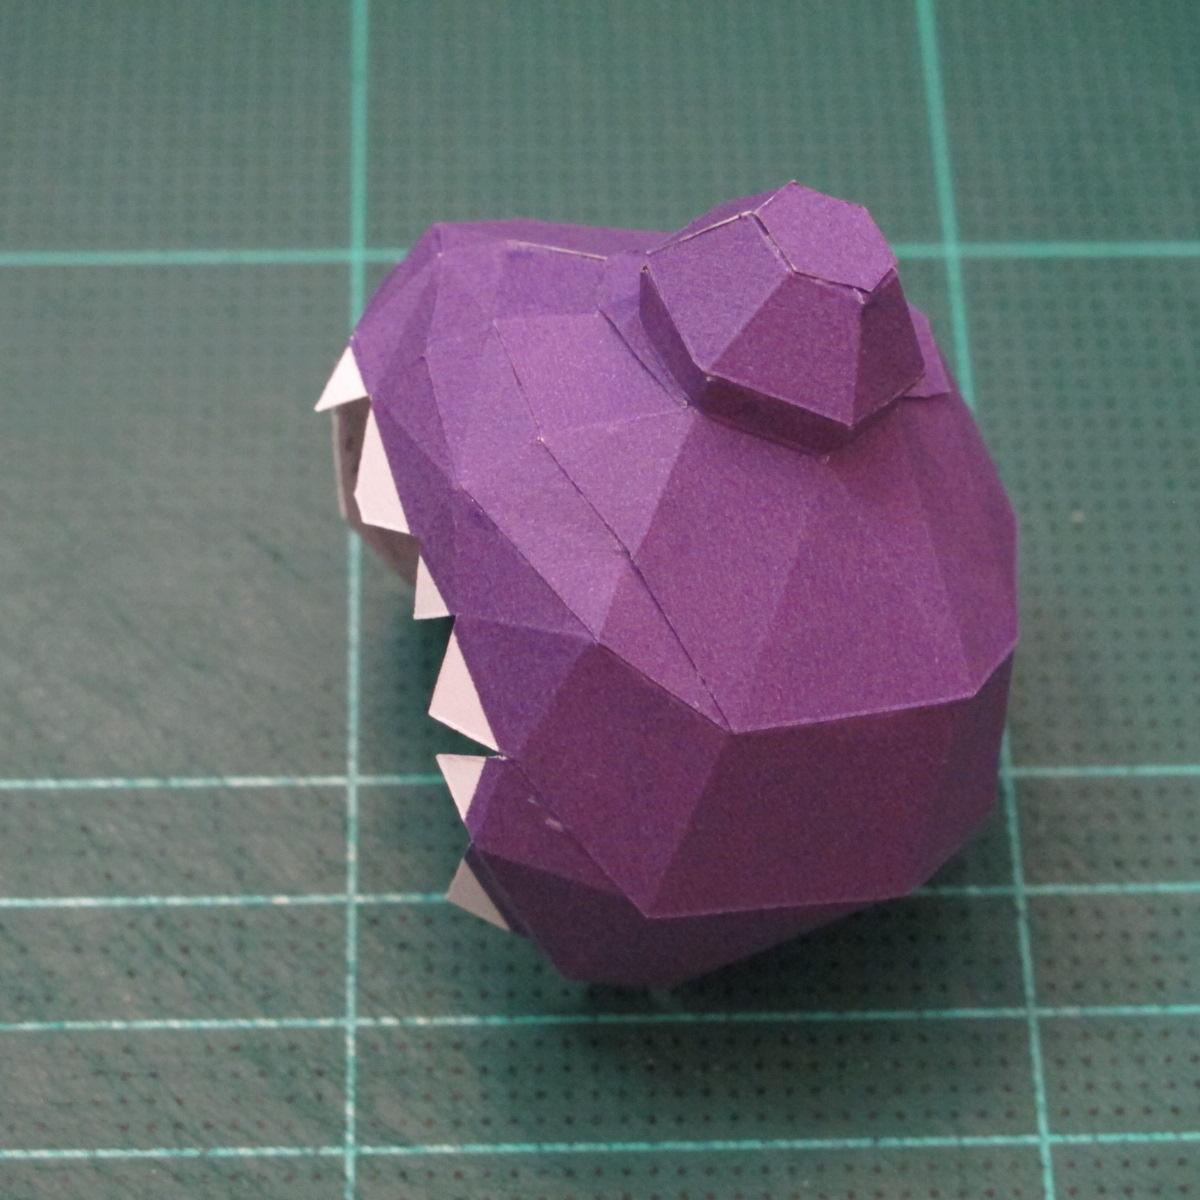 วิธีทำโมเดลกระดาษตุ้กตา คุกกี้รสราชินีสเก็ตลีลา จากเกมส์คุกกี้รัน (LINE Cookie Run Skating Queen Cookie Papercraft Model) 007